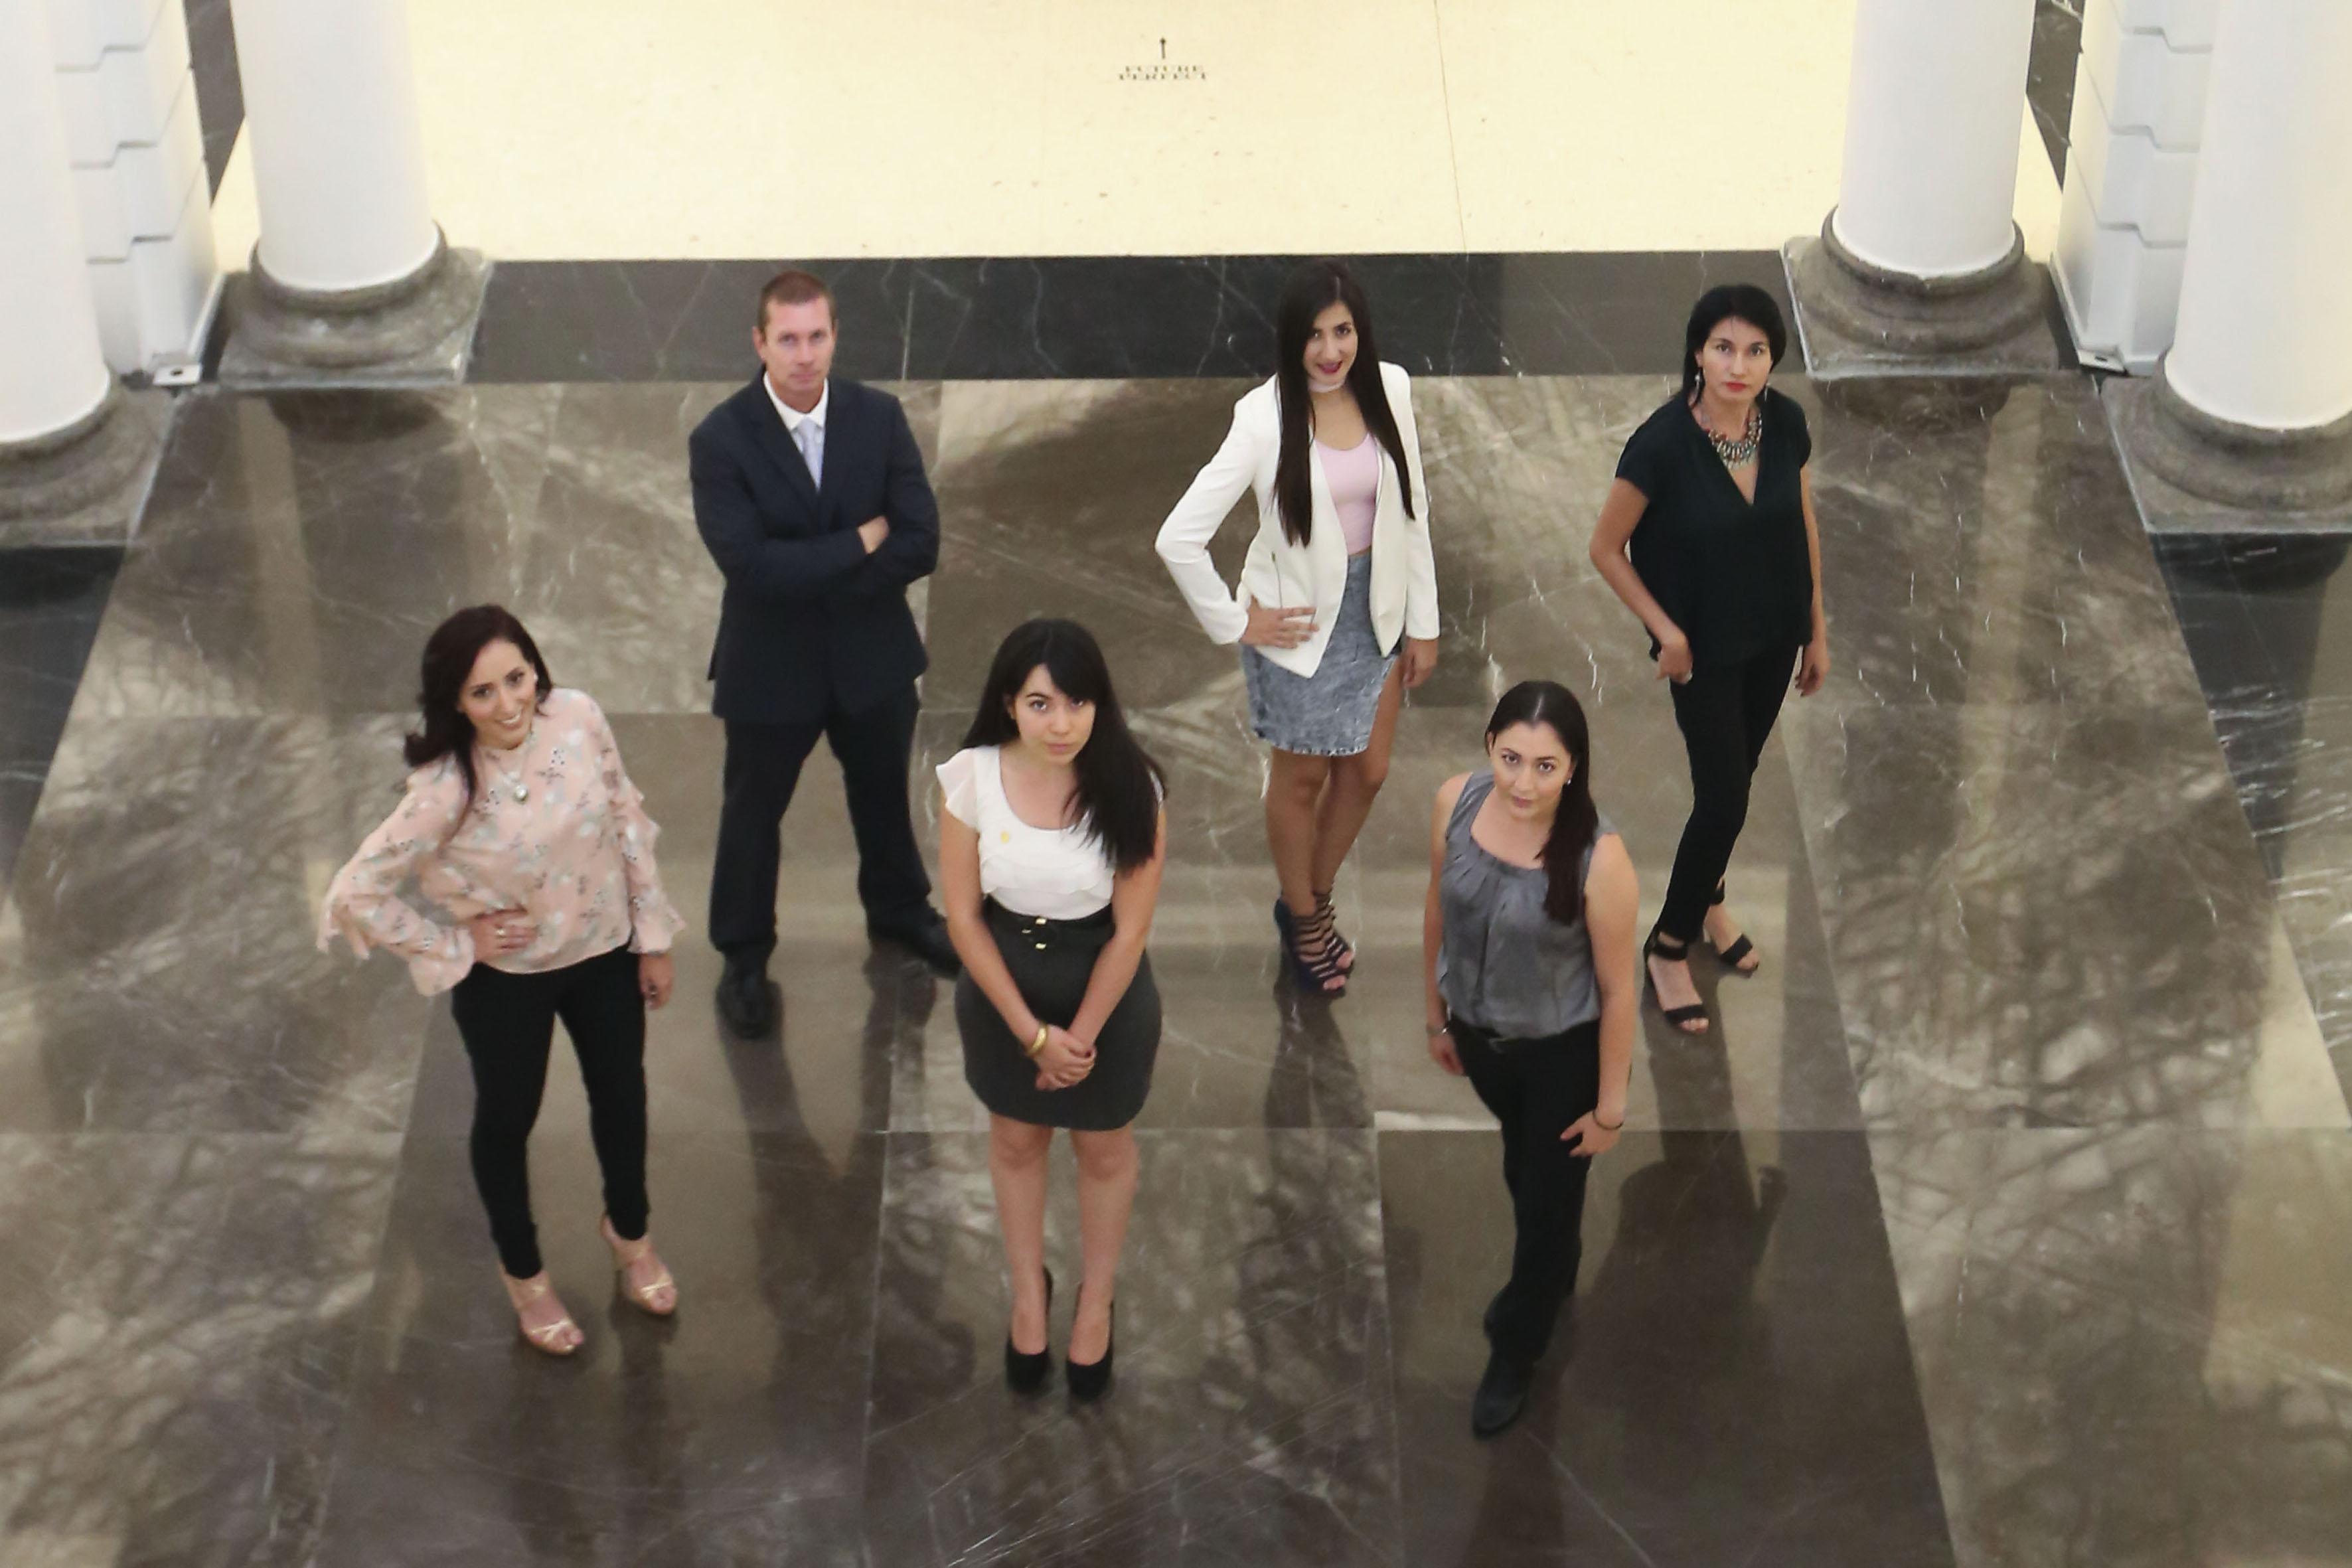 Estudiantes mujeres destacadas de bachillerato y licenciatura en la explanada de Rectoría General.